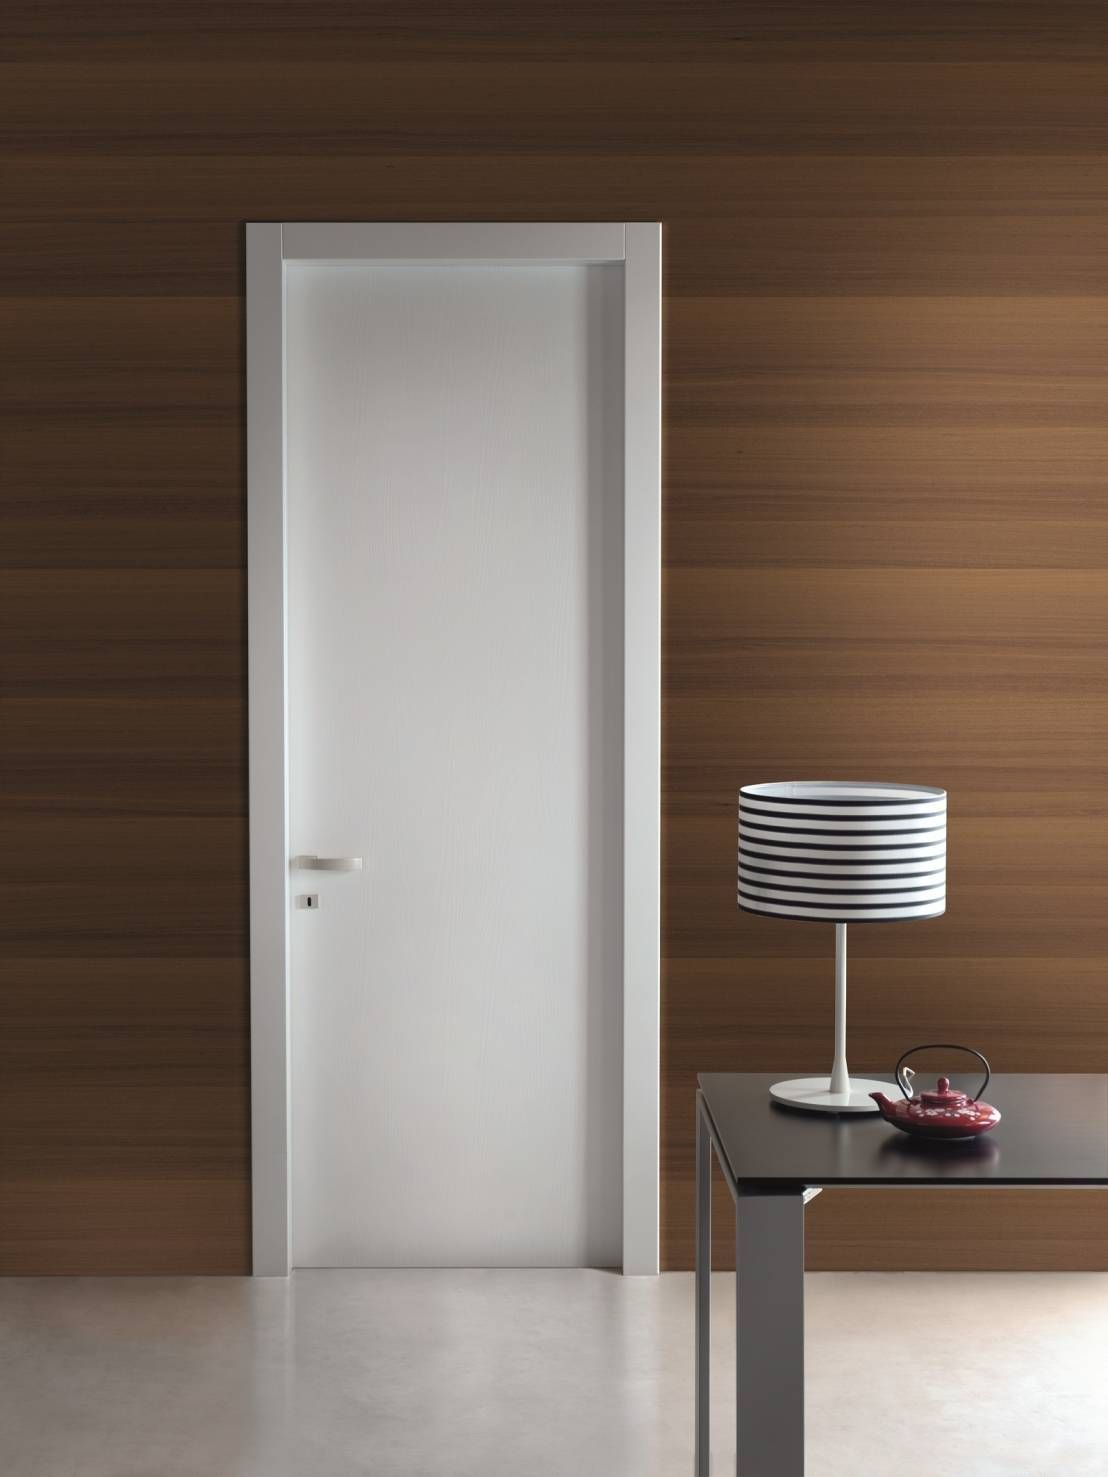 10 motivi per scegliere le porte interne in laminato doors and interiors - Verniciare porte interne laminato ...